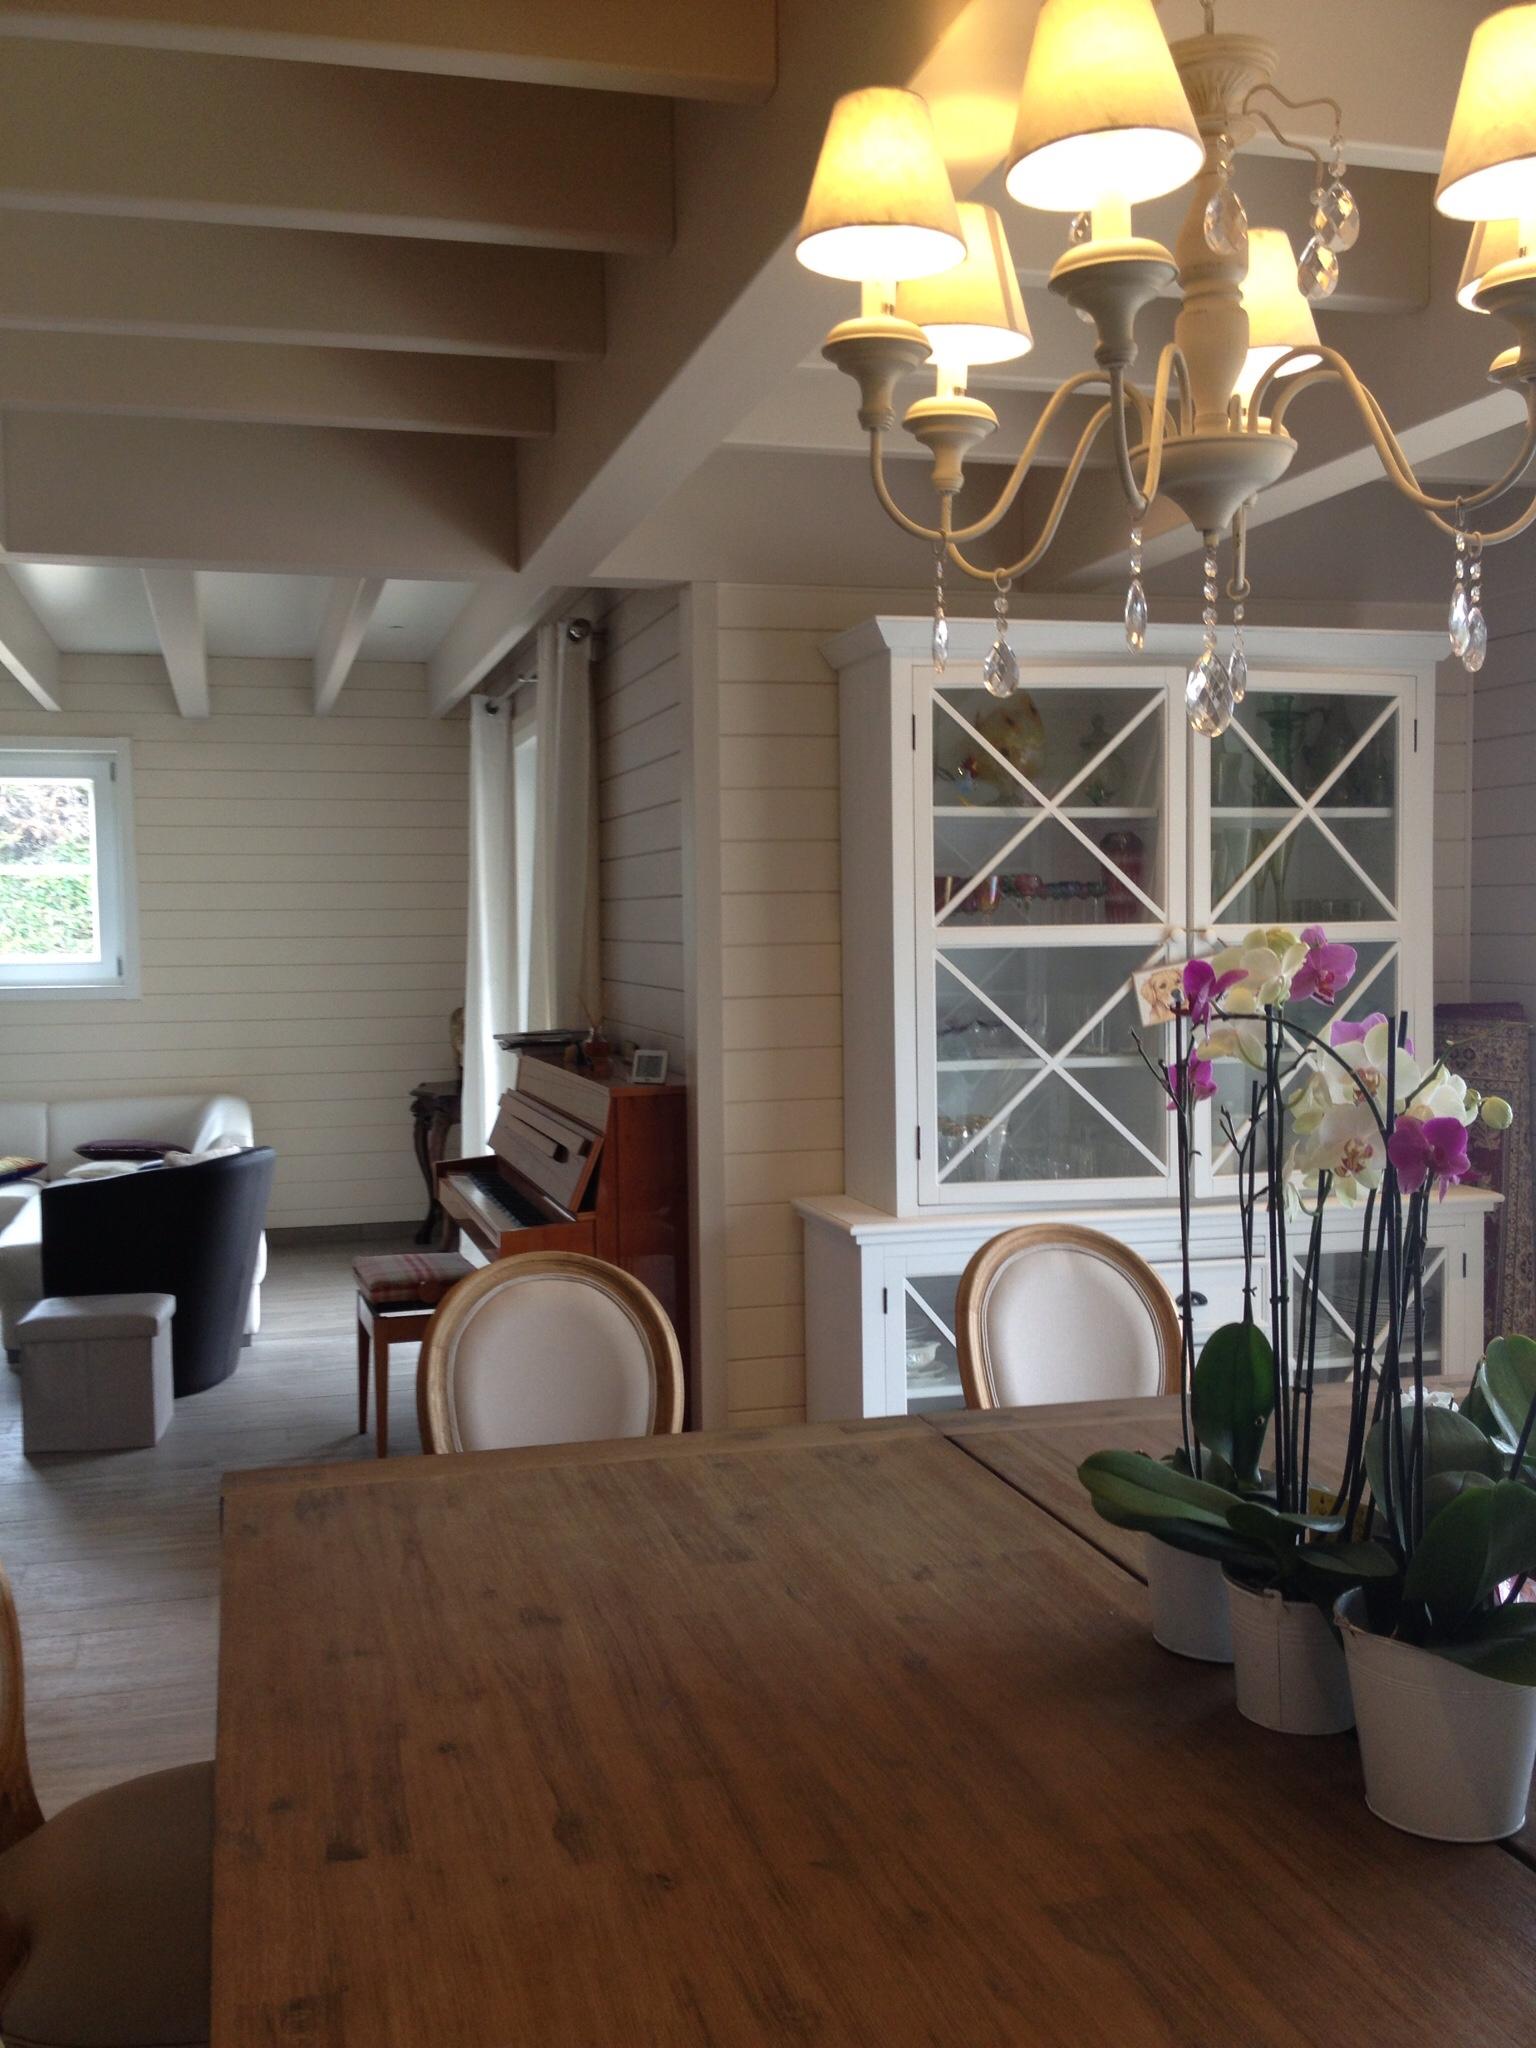 Interieur maison bois massif maison moderne - Interieur bois maison ...